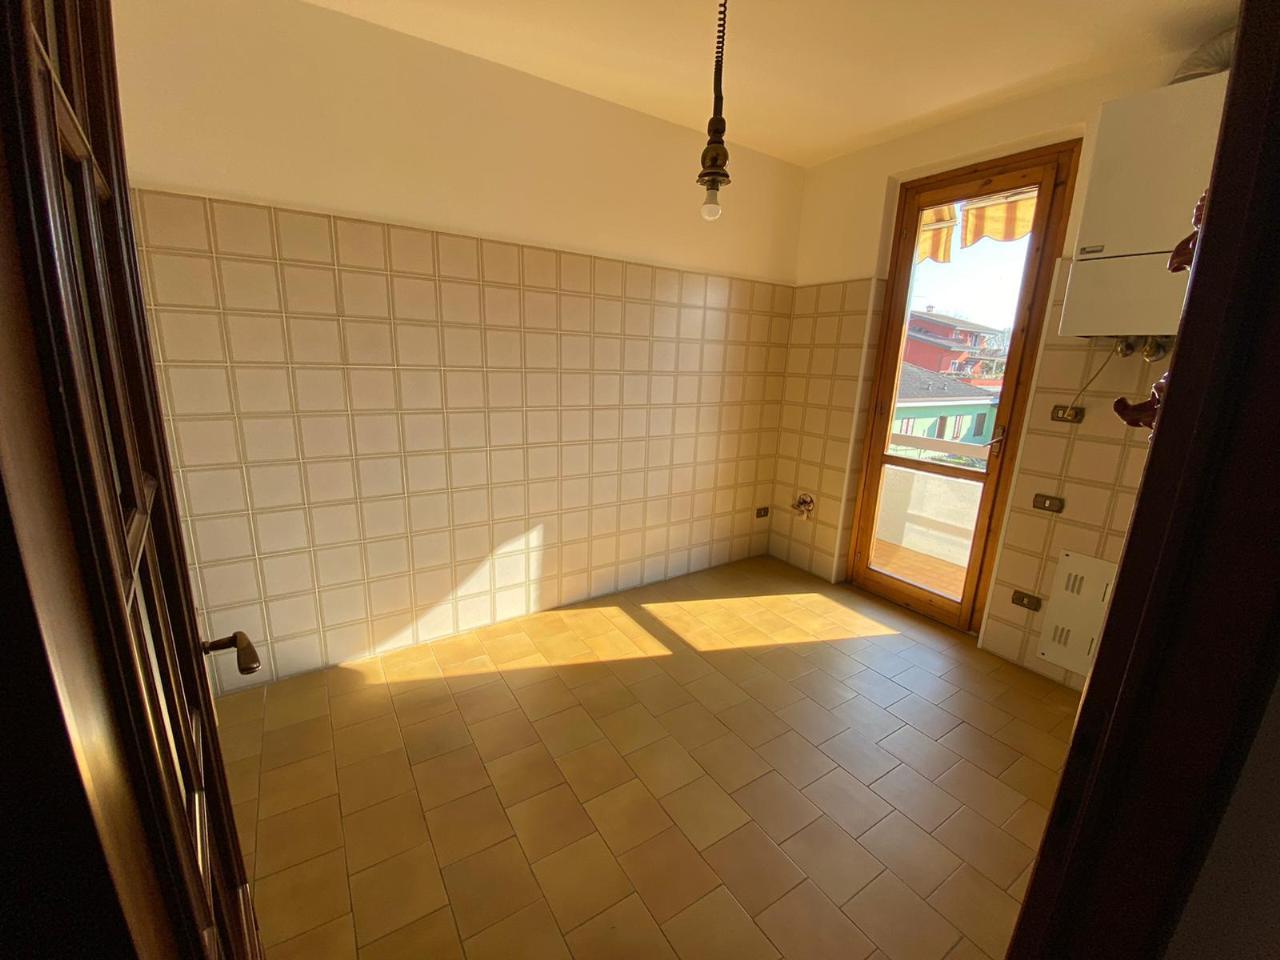 Appartamento GERRE DE' CAPRIOLI €85.000,00